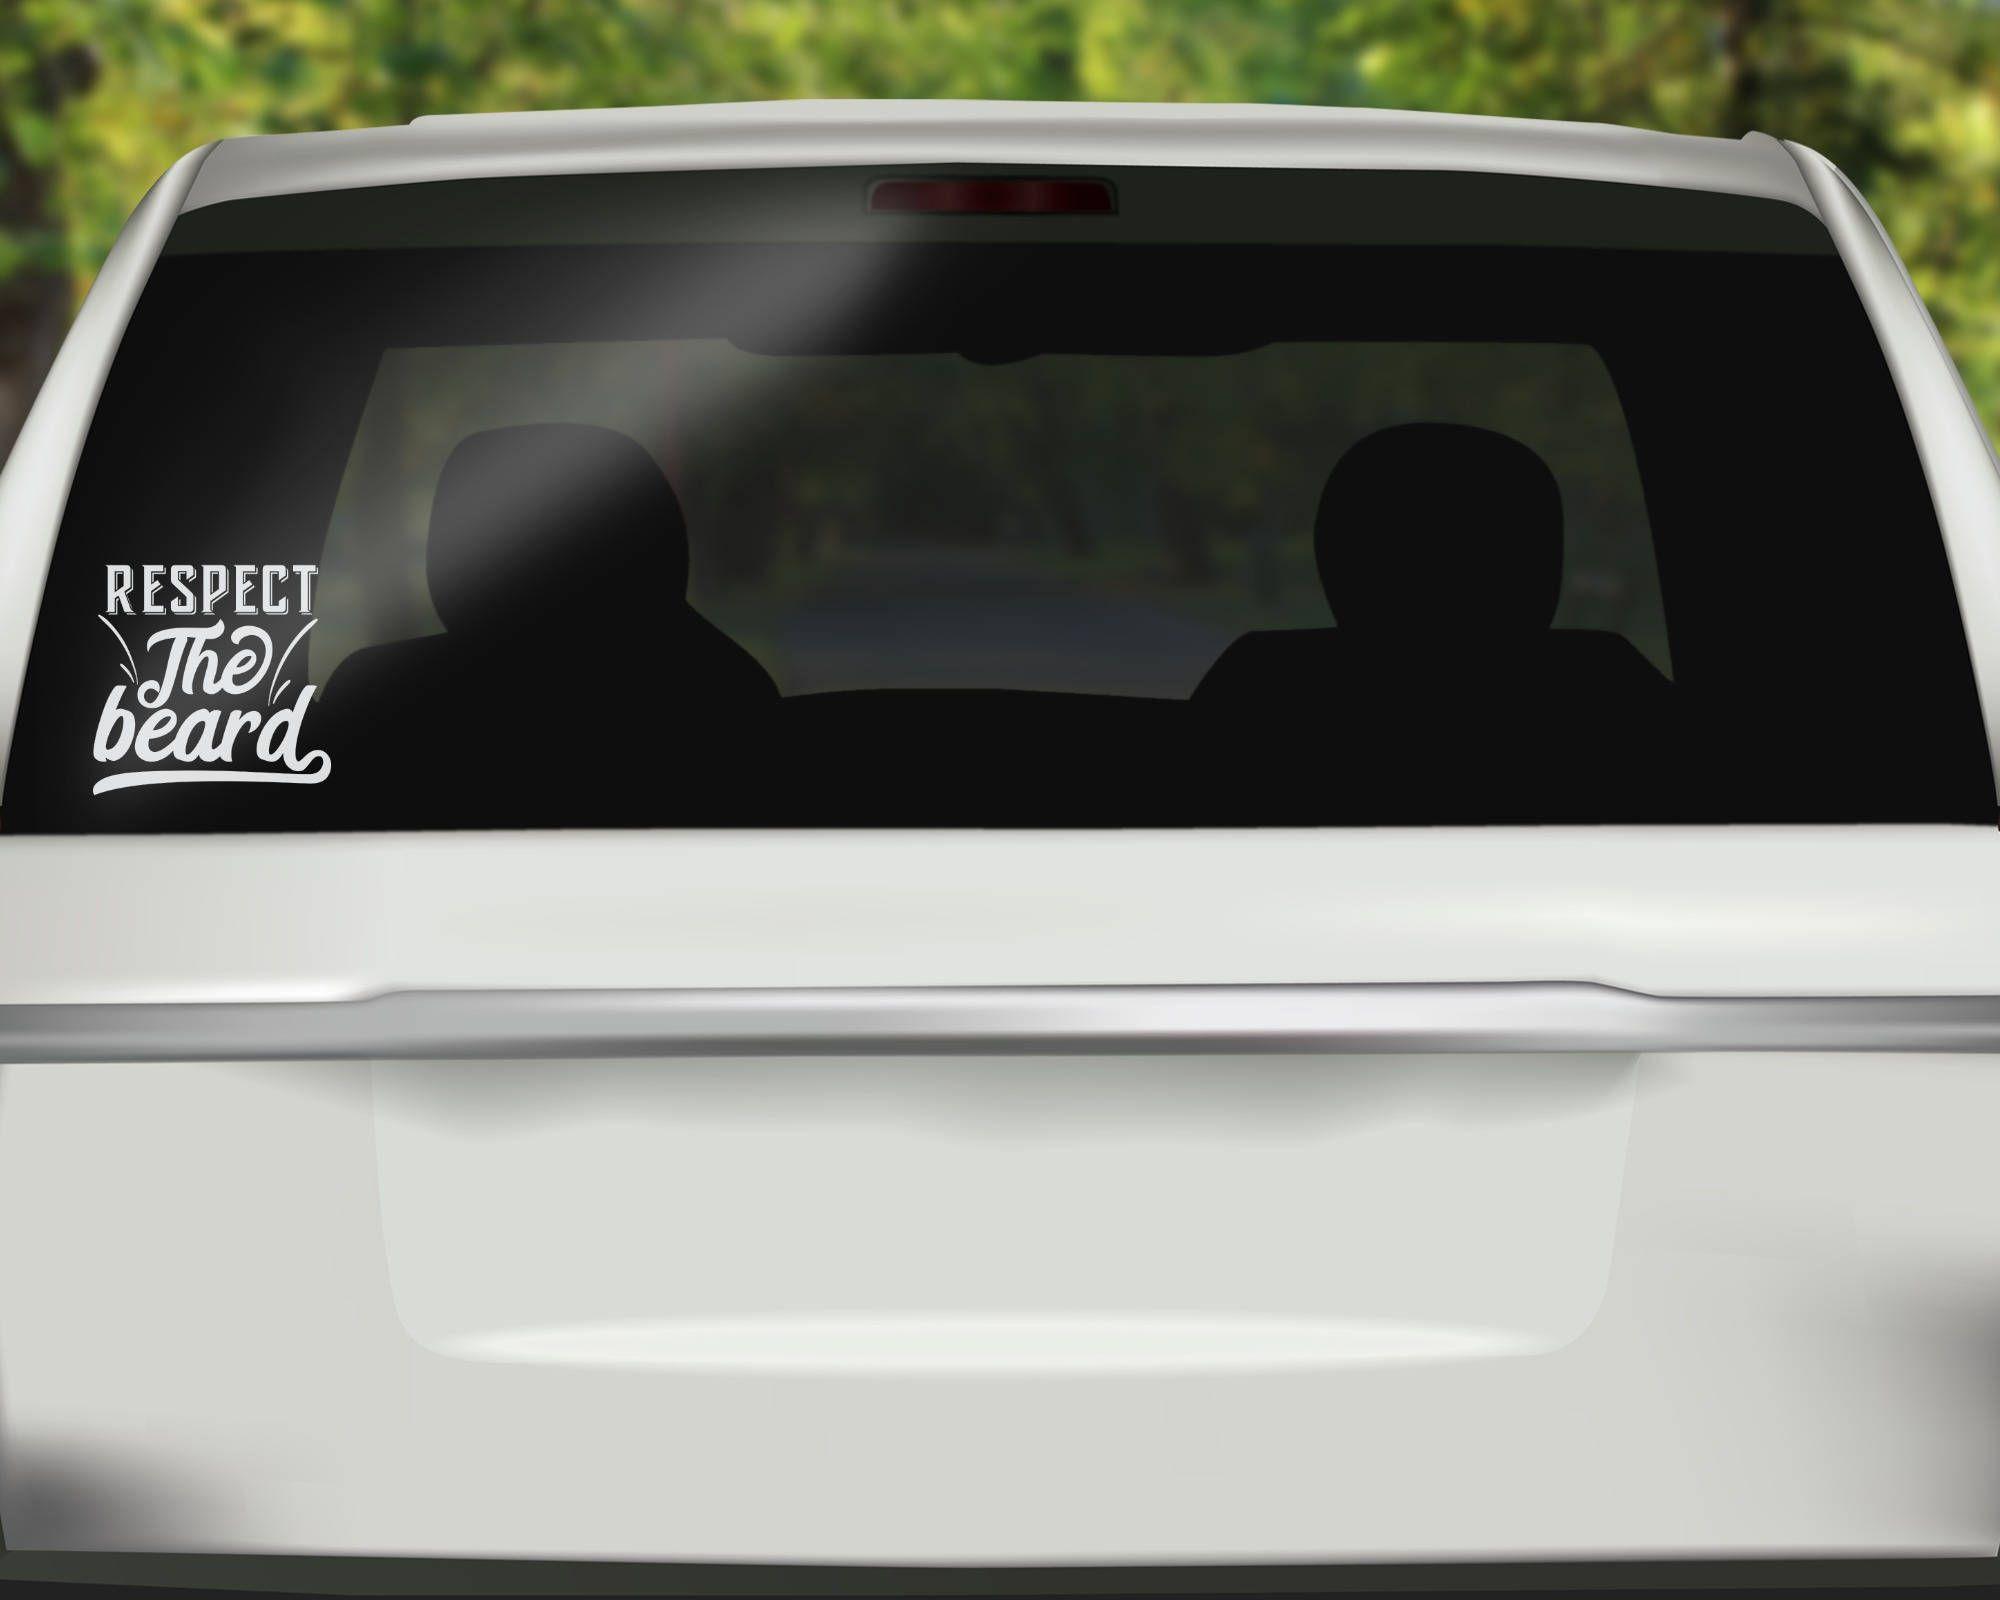 Respect the beard decal beard lover car decal mustache sticker beard sticker bumper sticker vinyl decal car stickers by spencervinyl on etsy